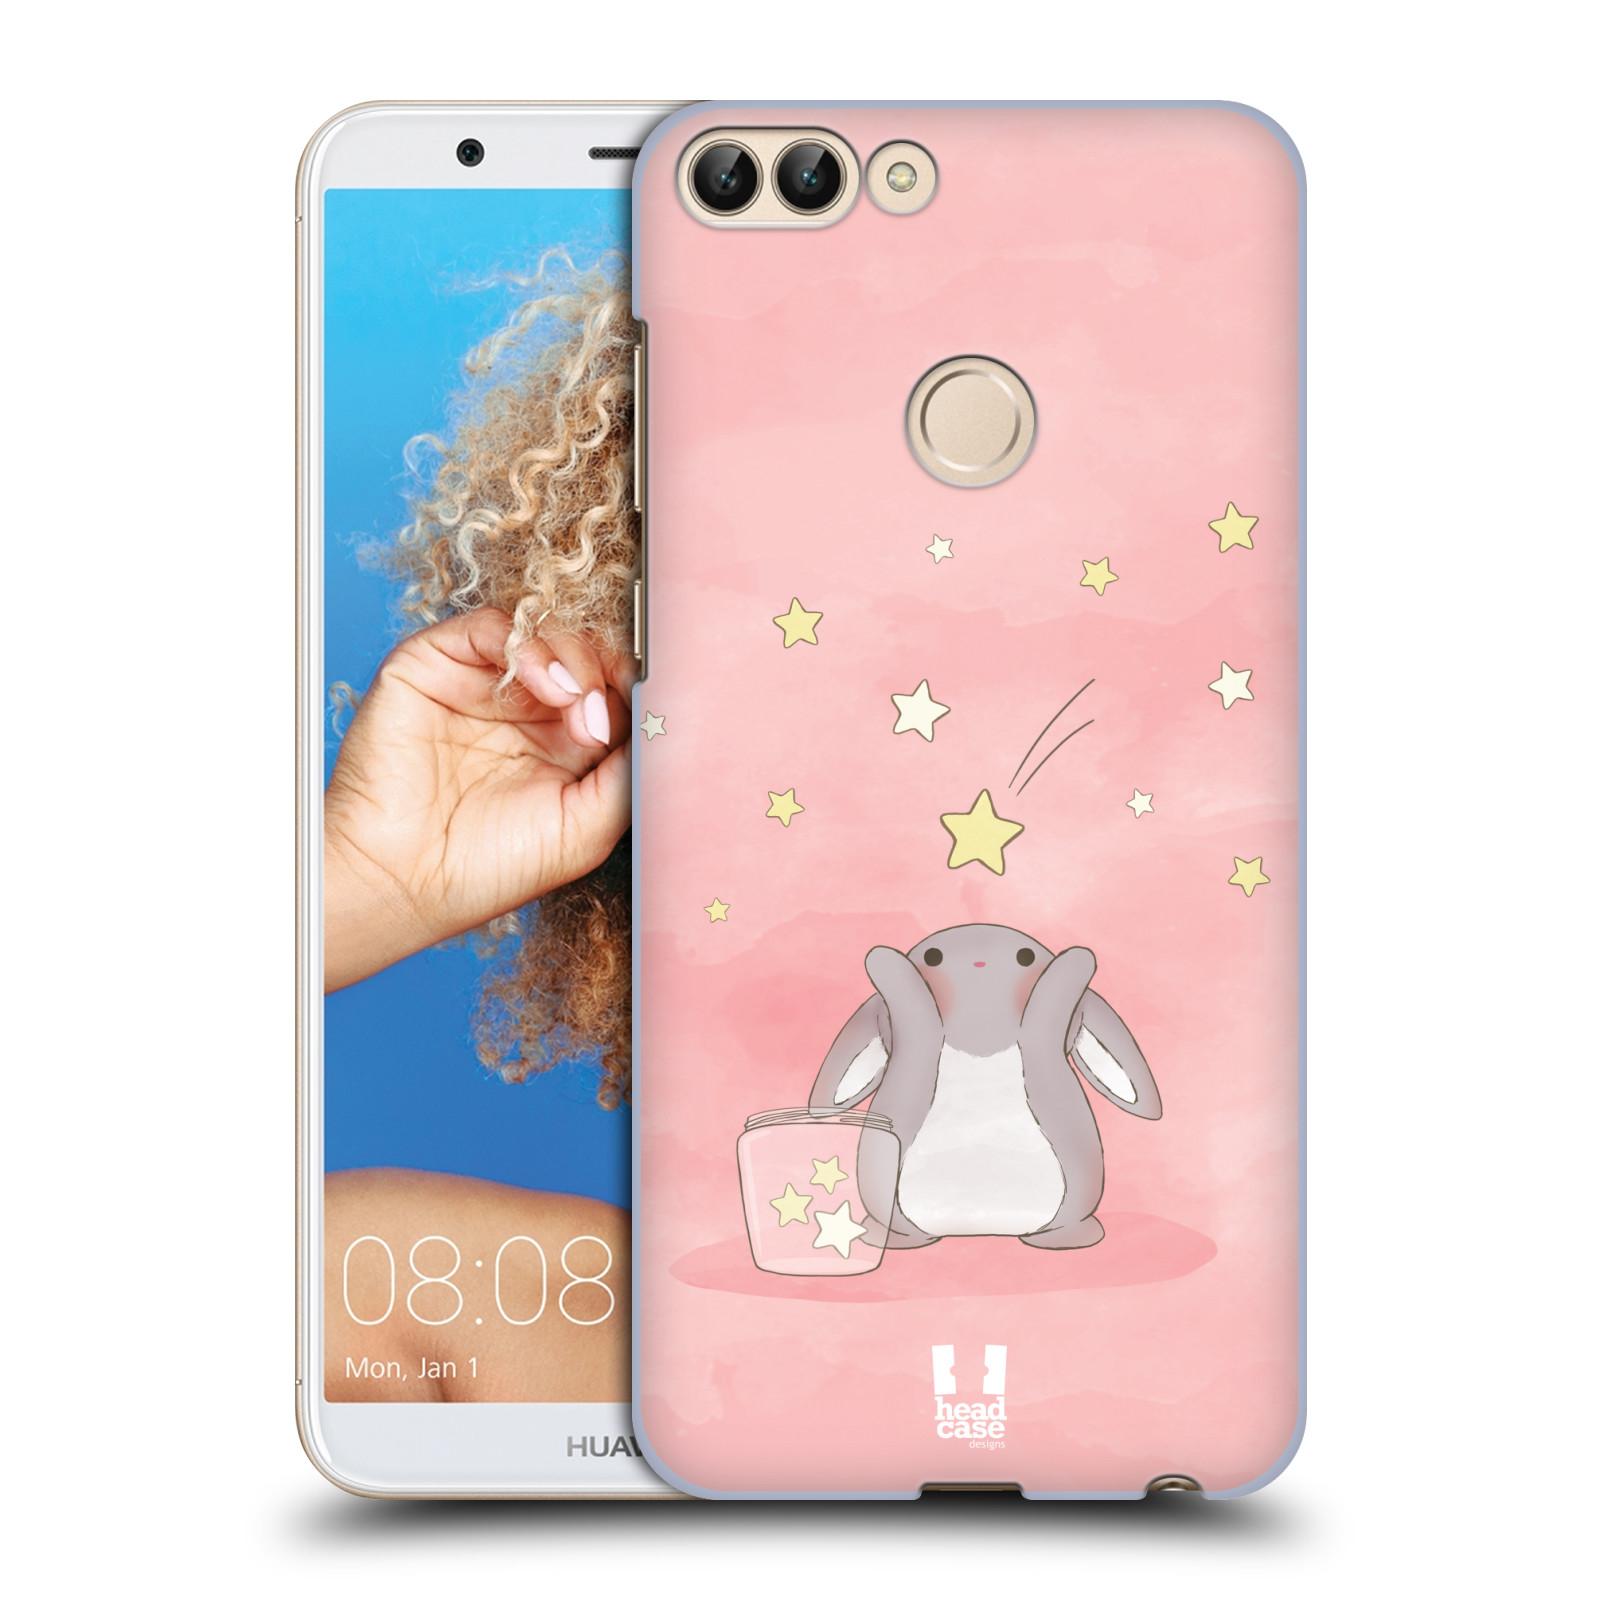 HEAD CASE plastový obal na mobil Huawei P Smart vzor králíček a hvězdy růžová